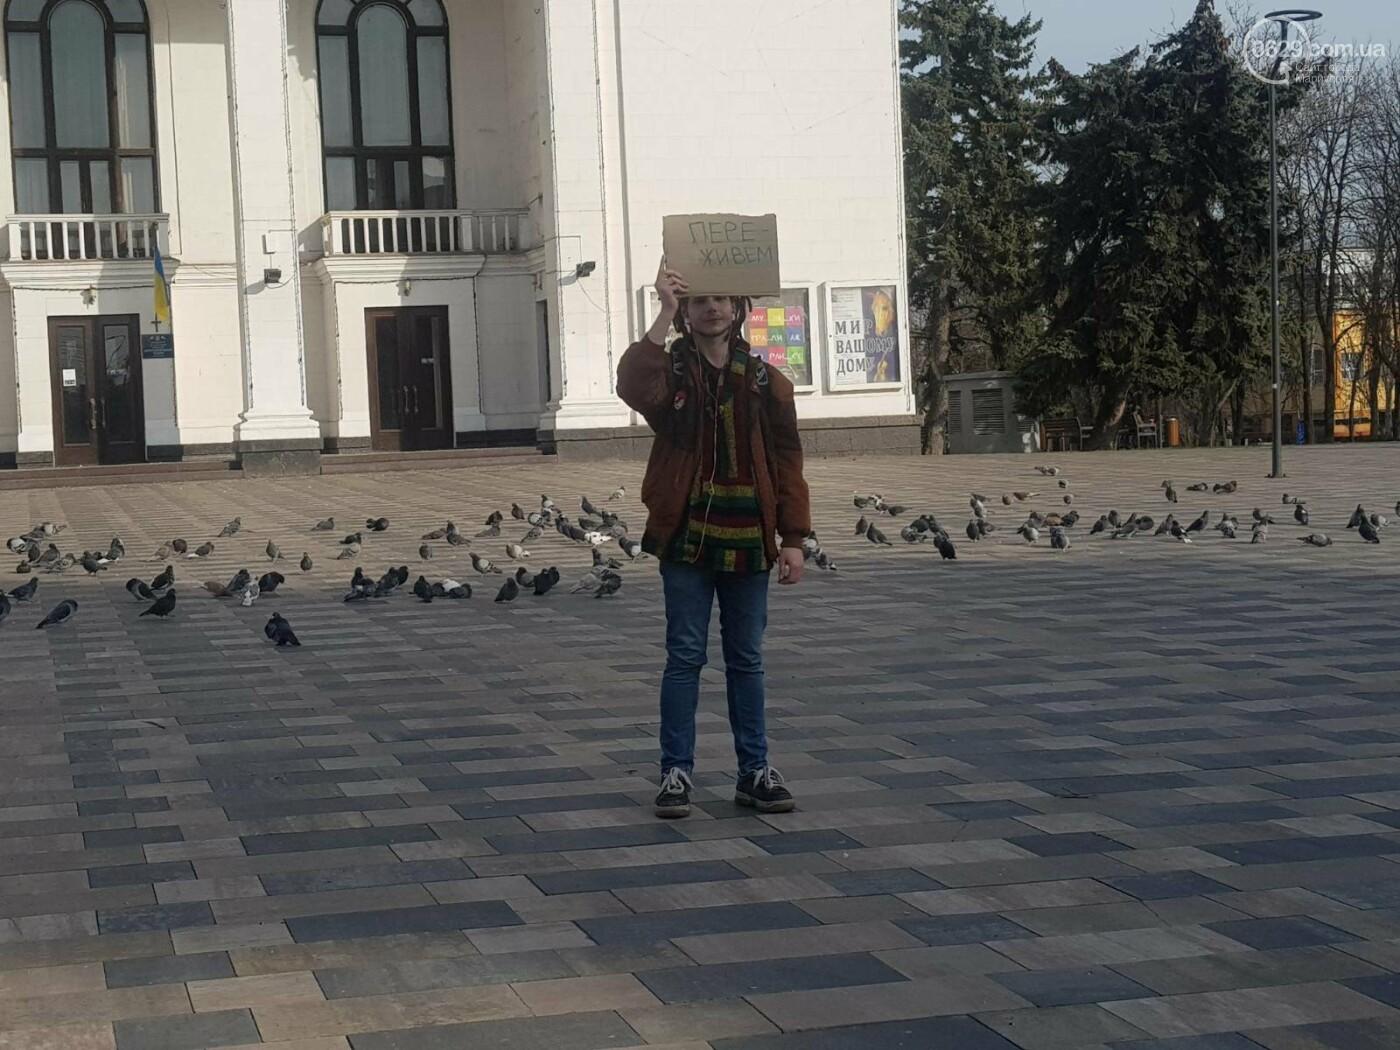 «Переживем!» В Мариуполе одинокий пикетчик помогает горожанам справляться с депрессией, - ФОТО, фото-1